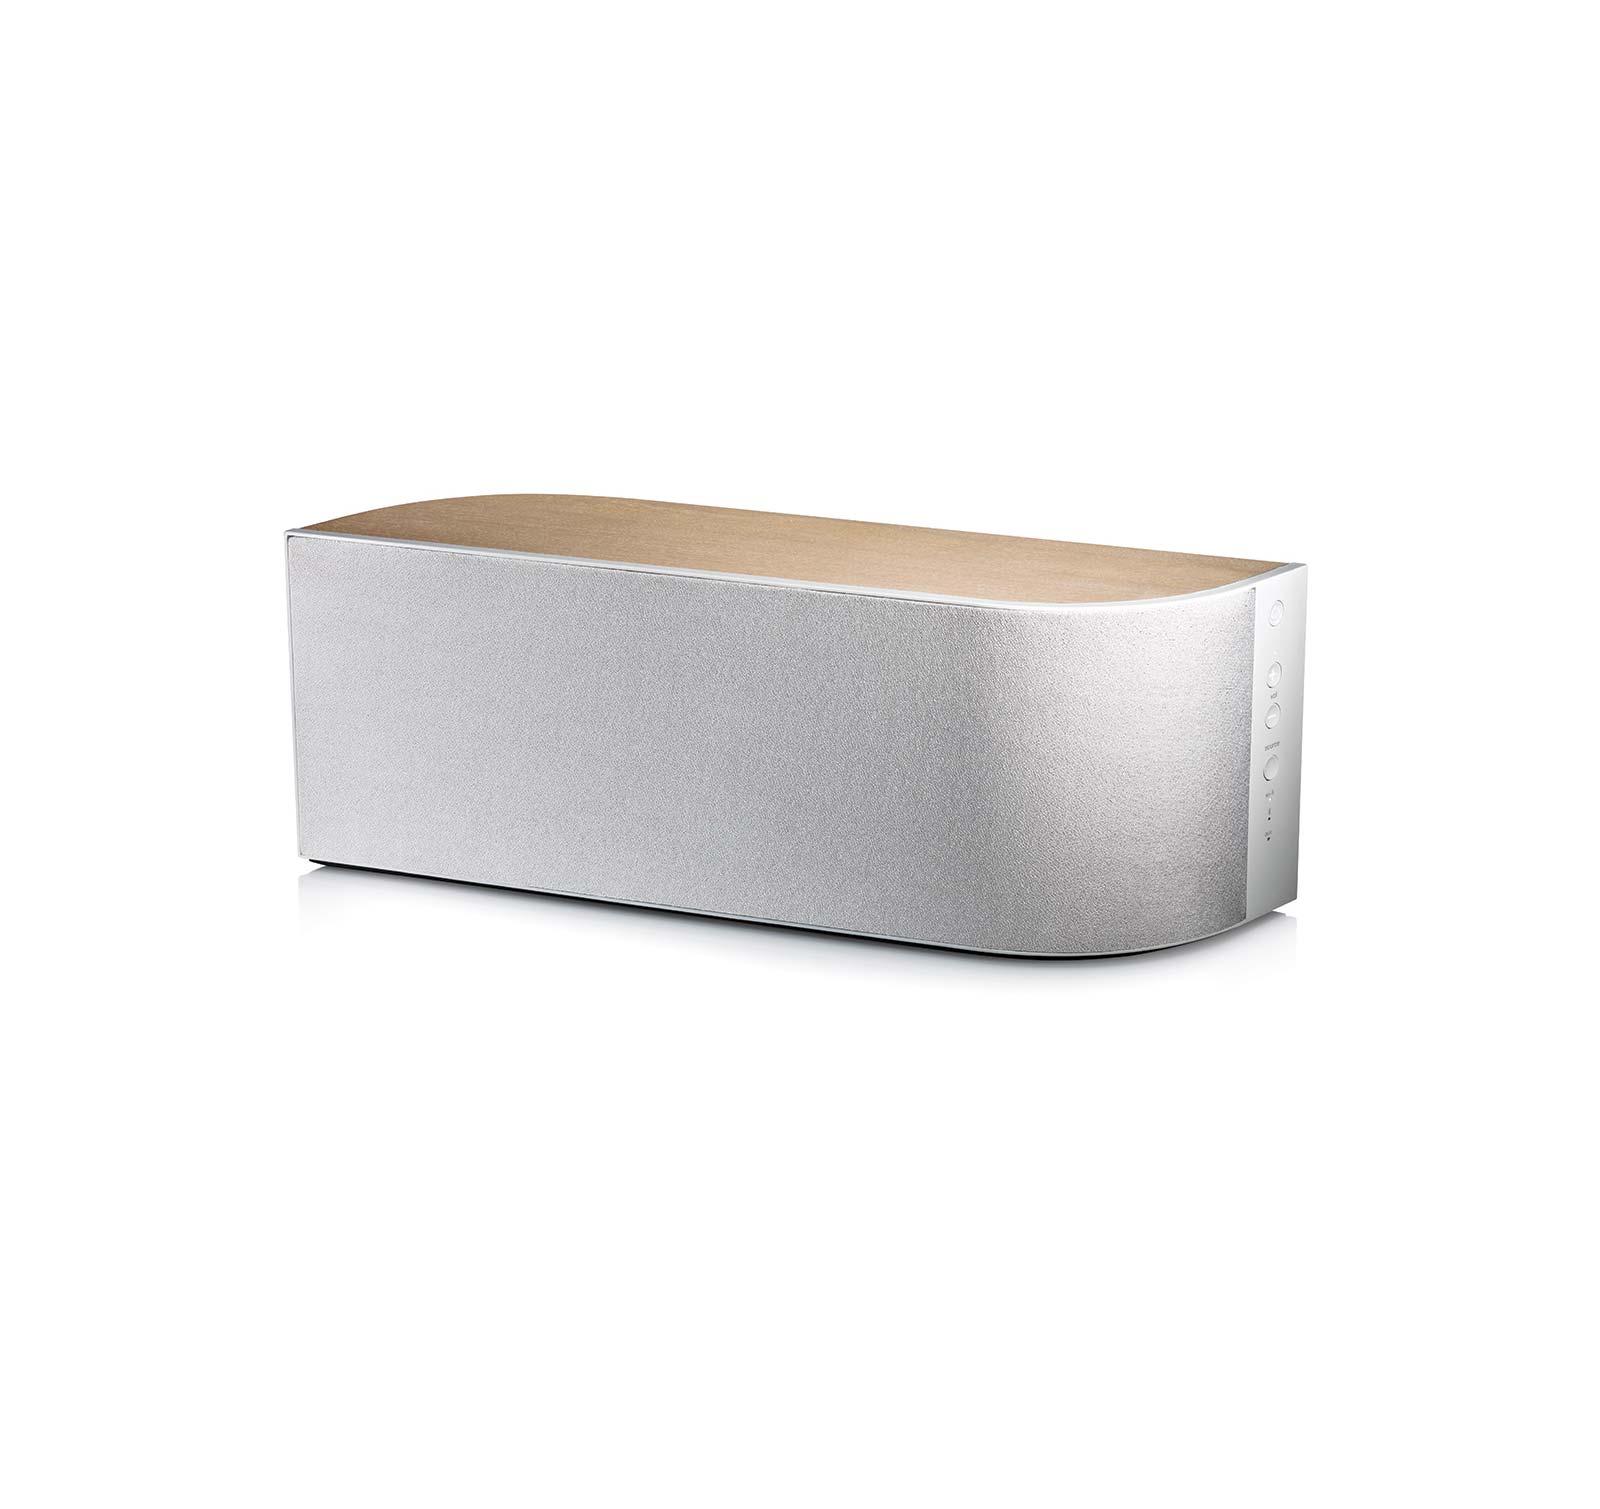 music wireless speaker megabass instructions